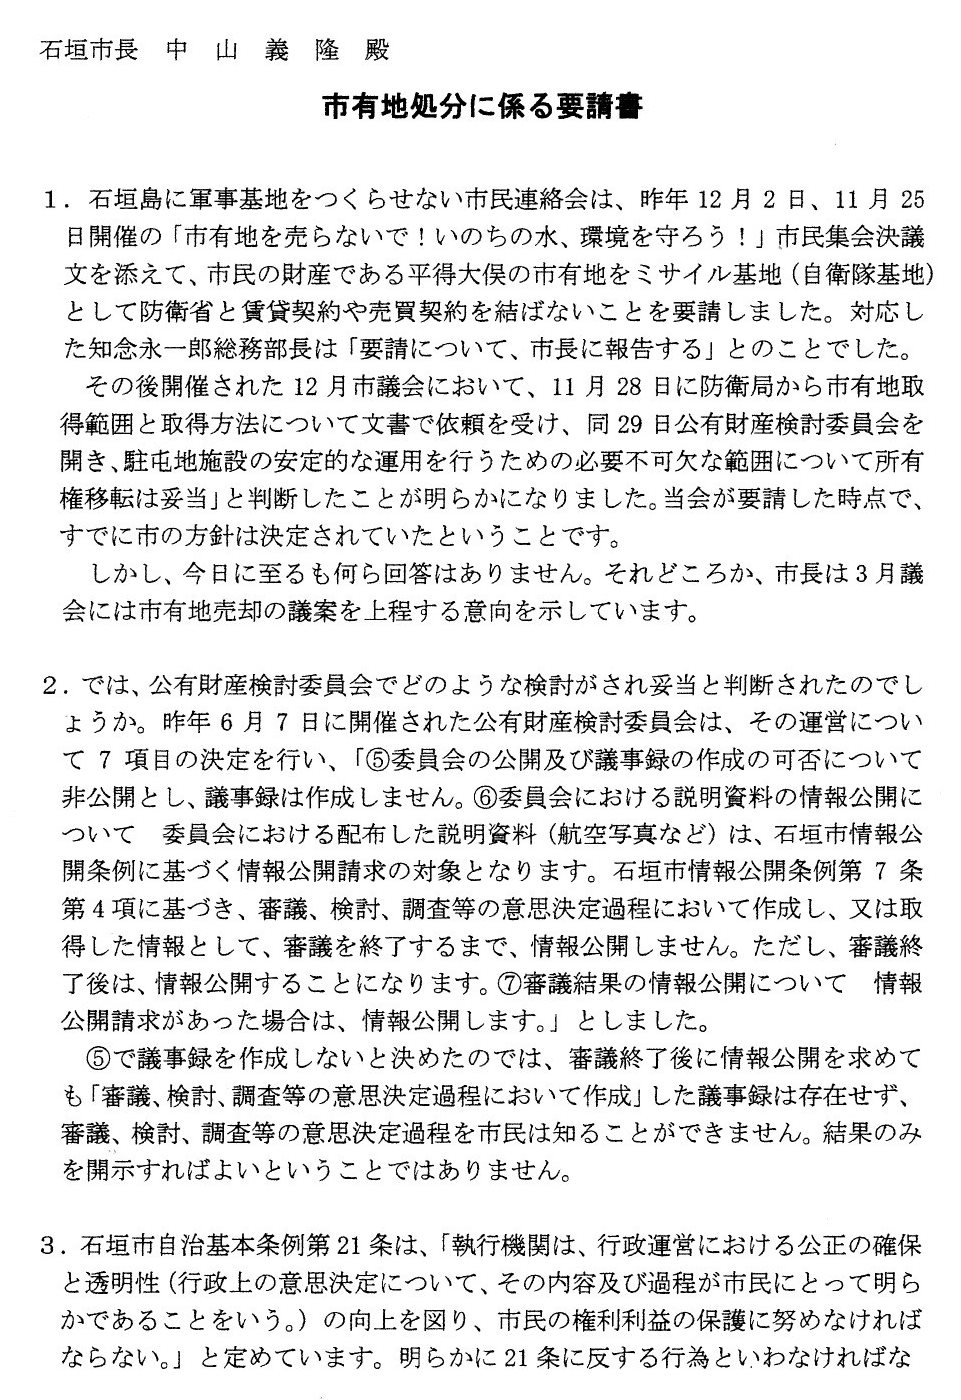 市有地処分に係る要請書01